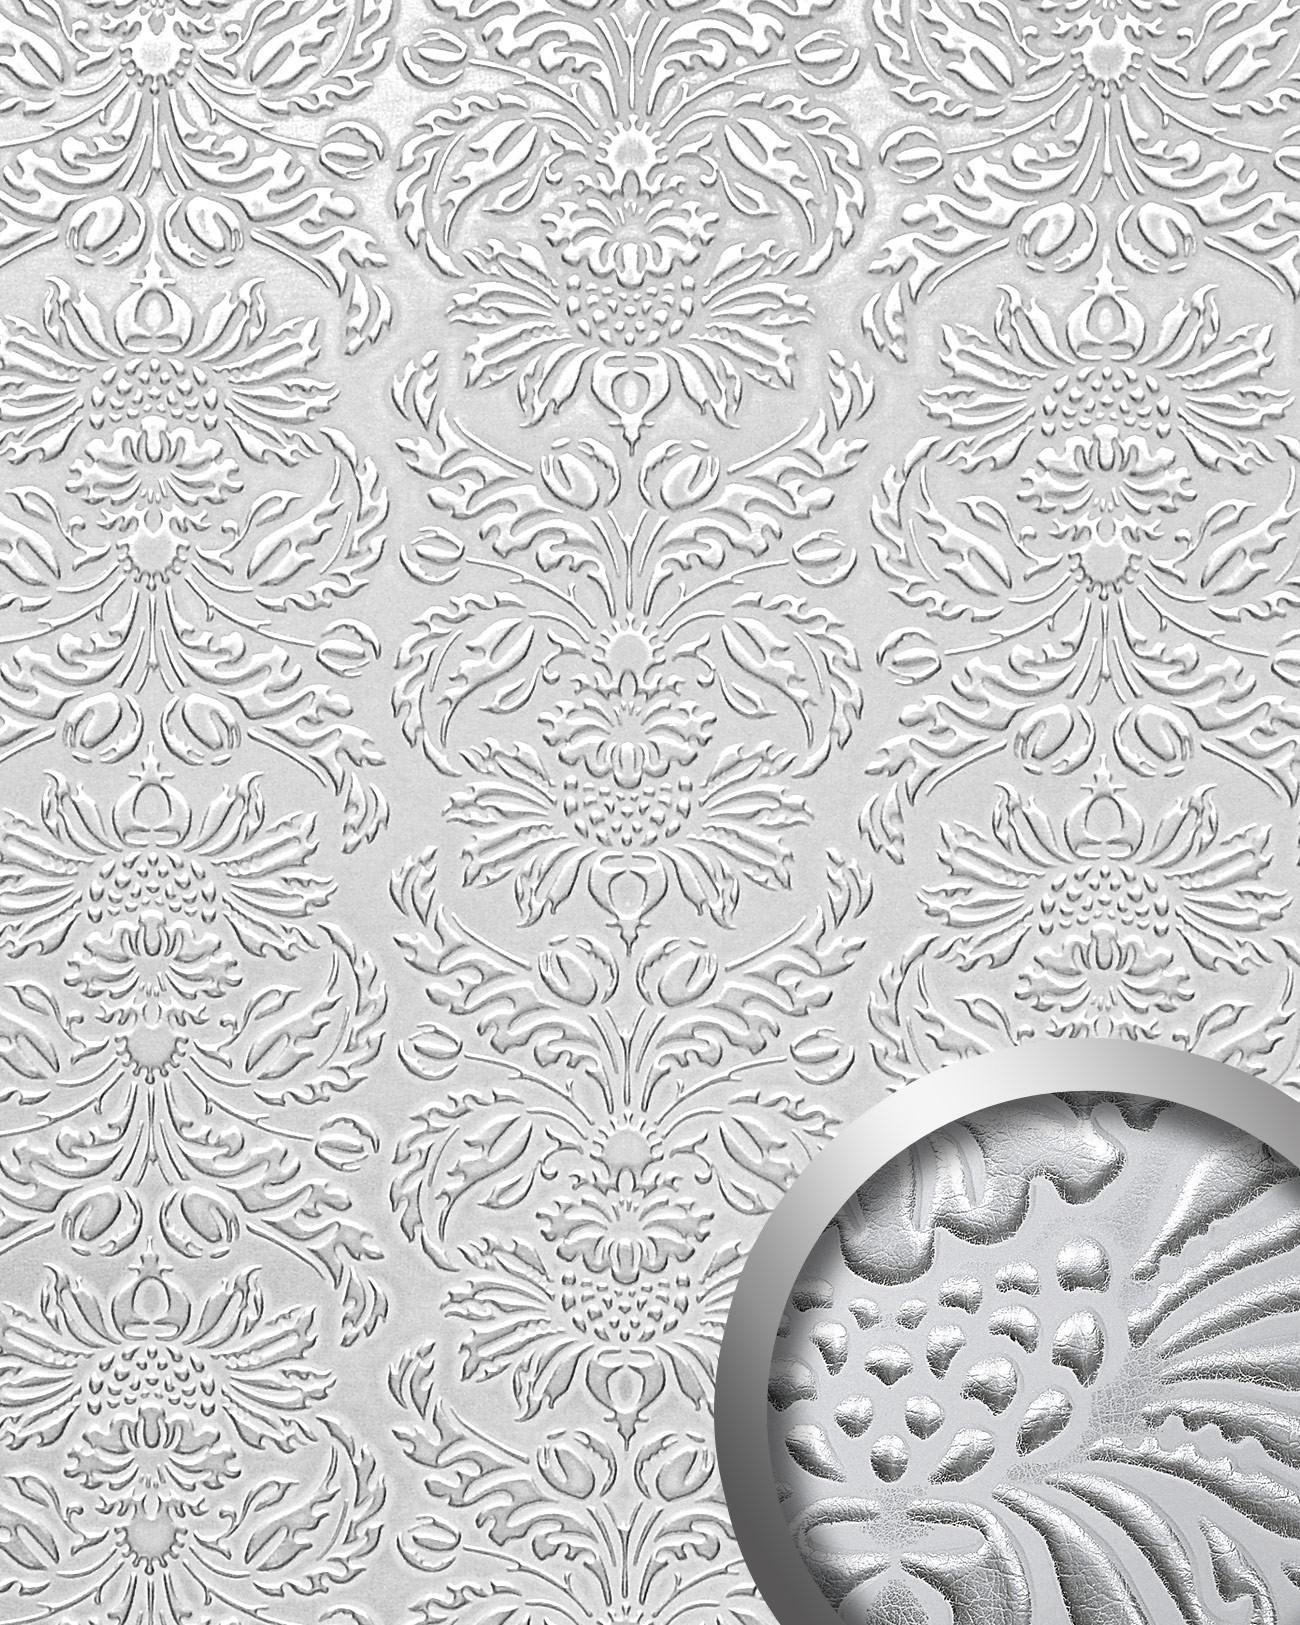 Wandpaneel Luxus D Wallface  Imperial Dekor Barock Damask Ornament Leder Selbstklebend Tapete Weis Silber